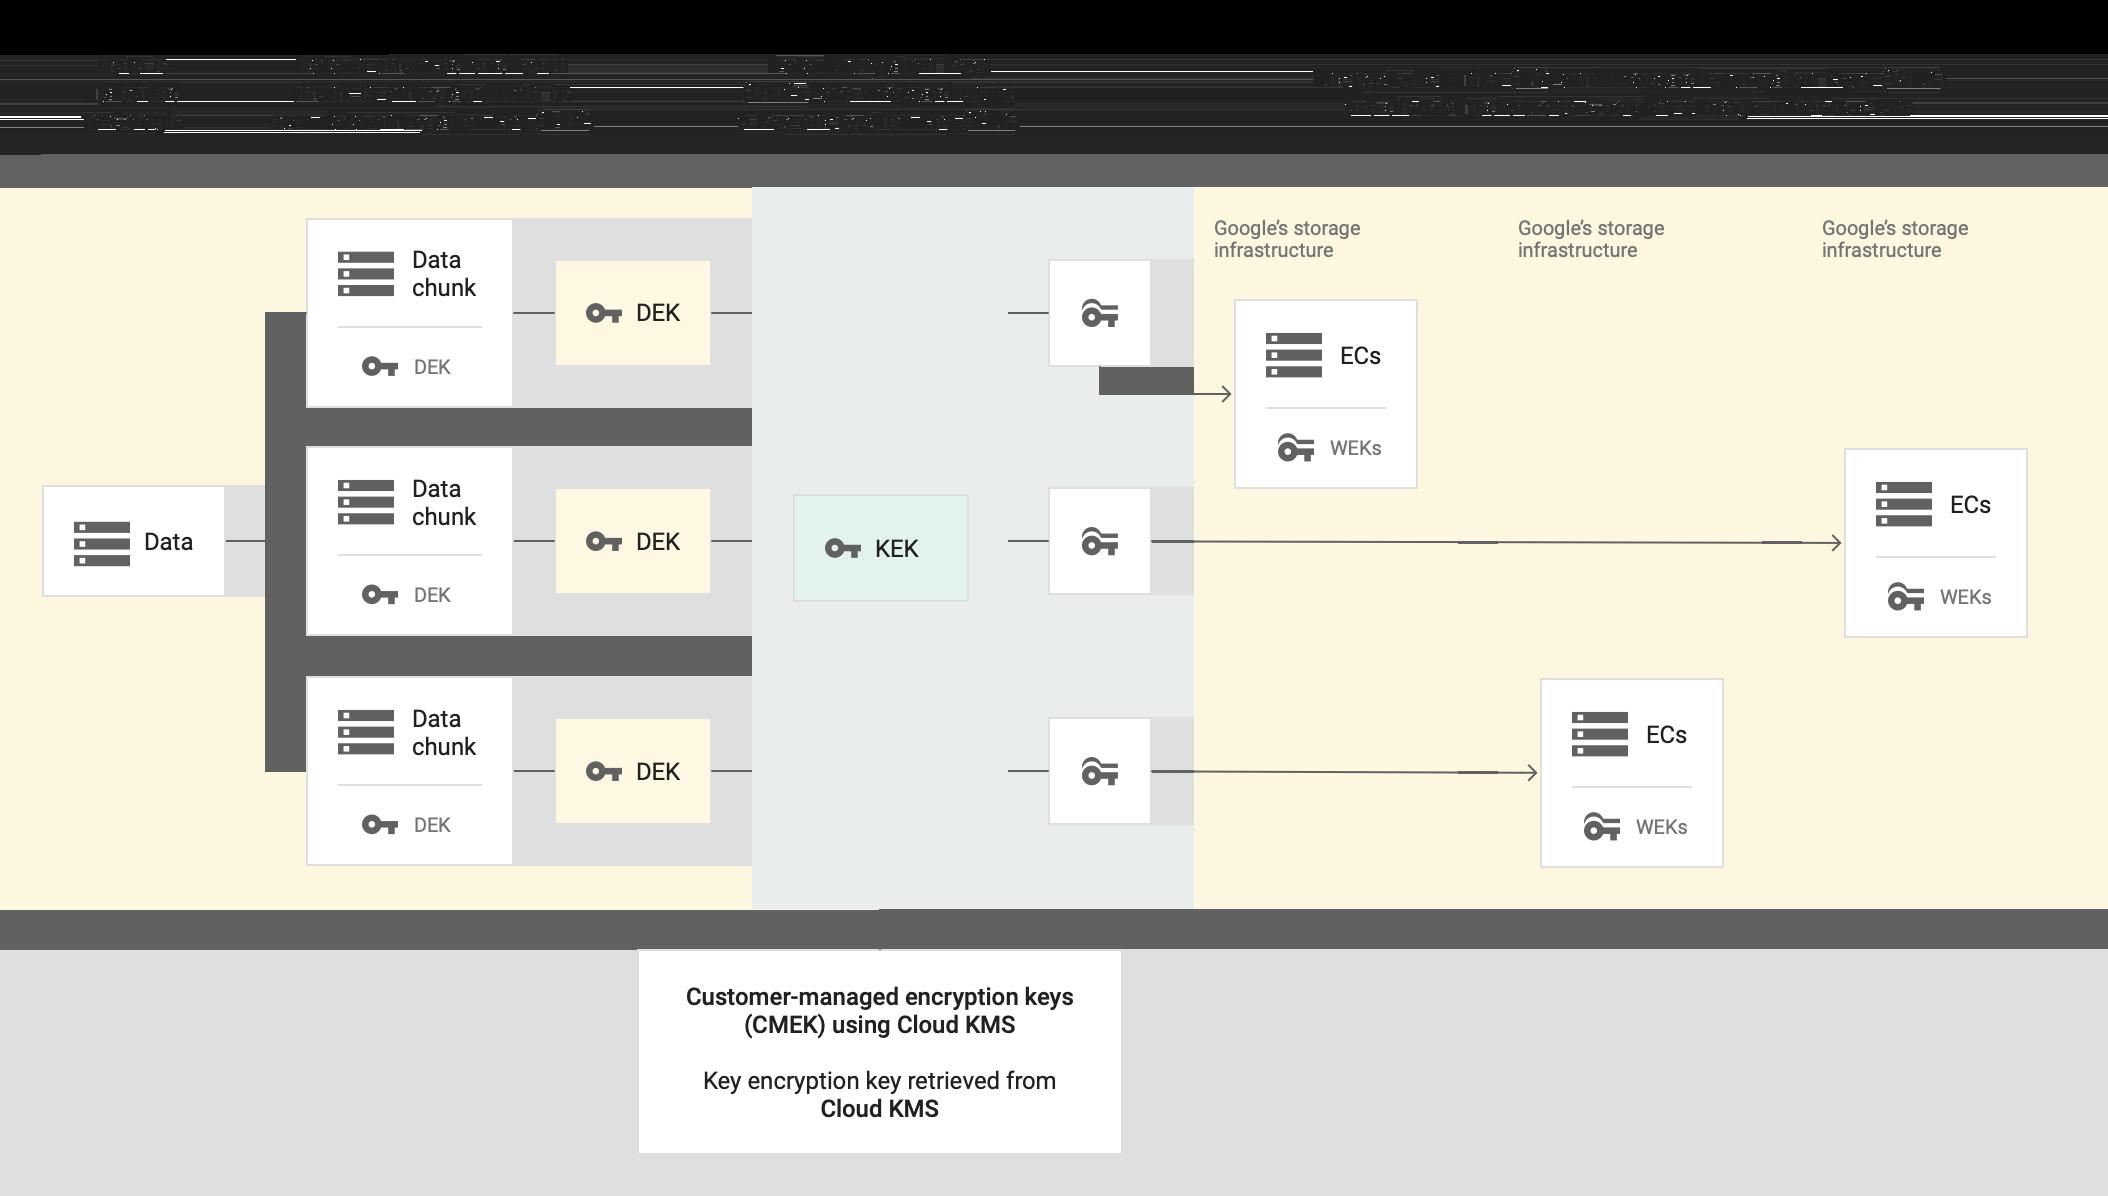 Los datos se suben a Google y luego se fragmentan; cada fragmento se encripta con su propia clave de encriptación de datos. Las claves de encriptación de datos se unen mediante una clave de encriptación de claves. En el caso de las CMEK con CloudKMS, la clave de encriptación de claves se recupera de CloudKMS. Los fragmentos encriptados y las claves de encriptación unidas se distribuyen en la infraestructura de almacenamiento de Google.